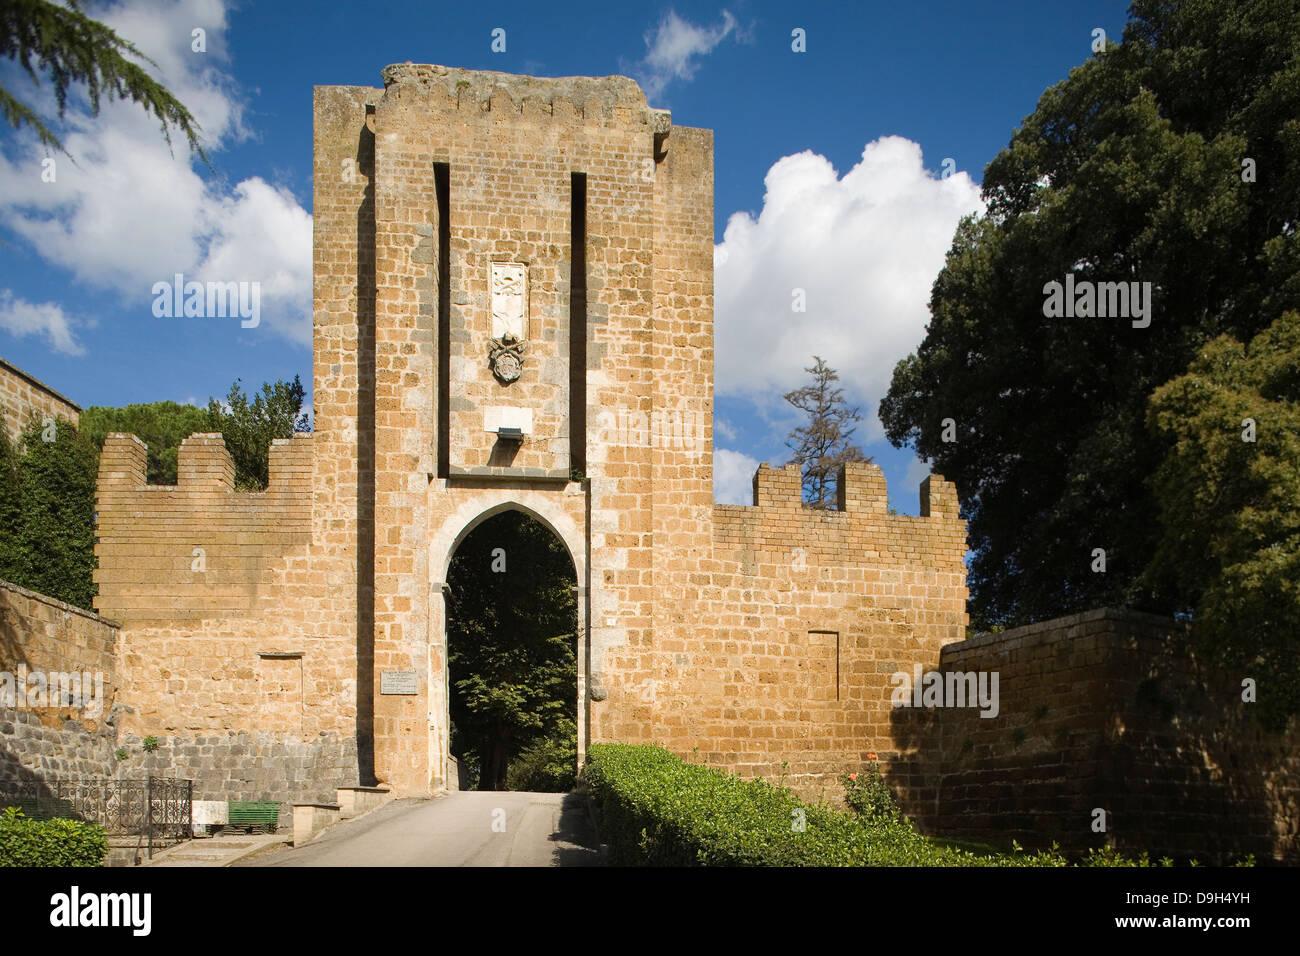 Europa, Italia, Umbria, Orvieto, albornoz y fortaleza Rocca gate Foto de stock